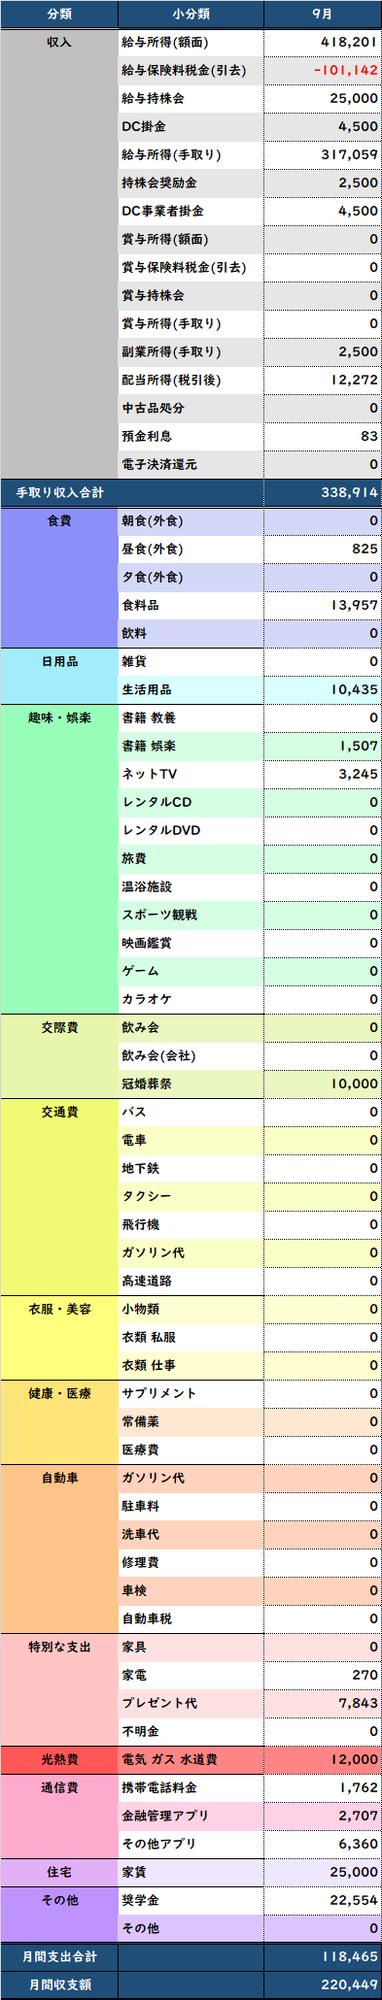 f:id:Hakurei:20201024201144p:plain